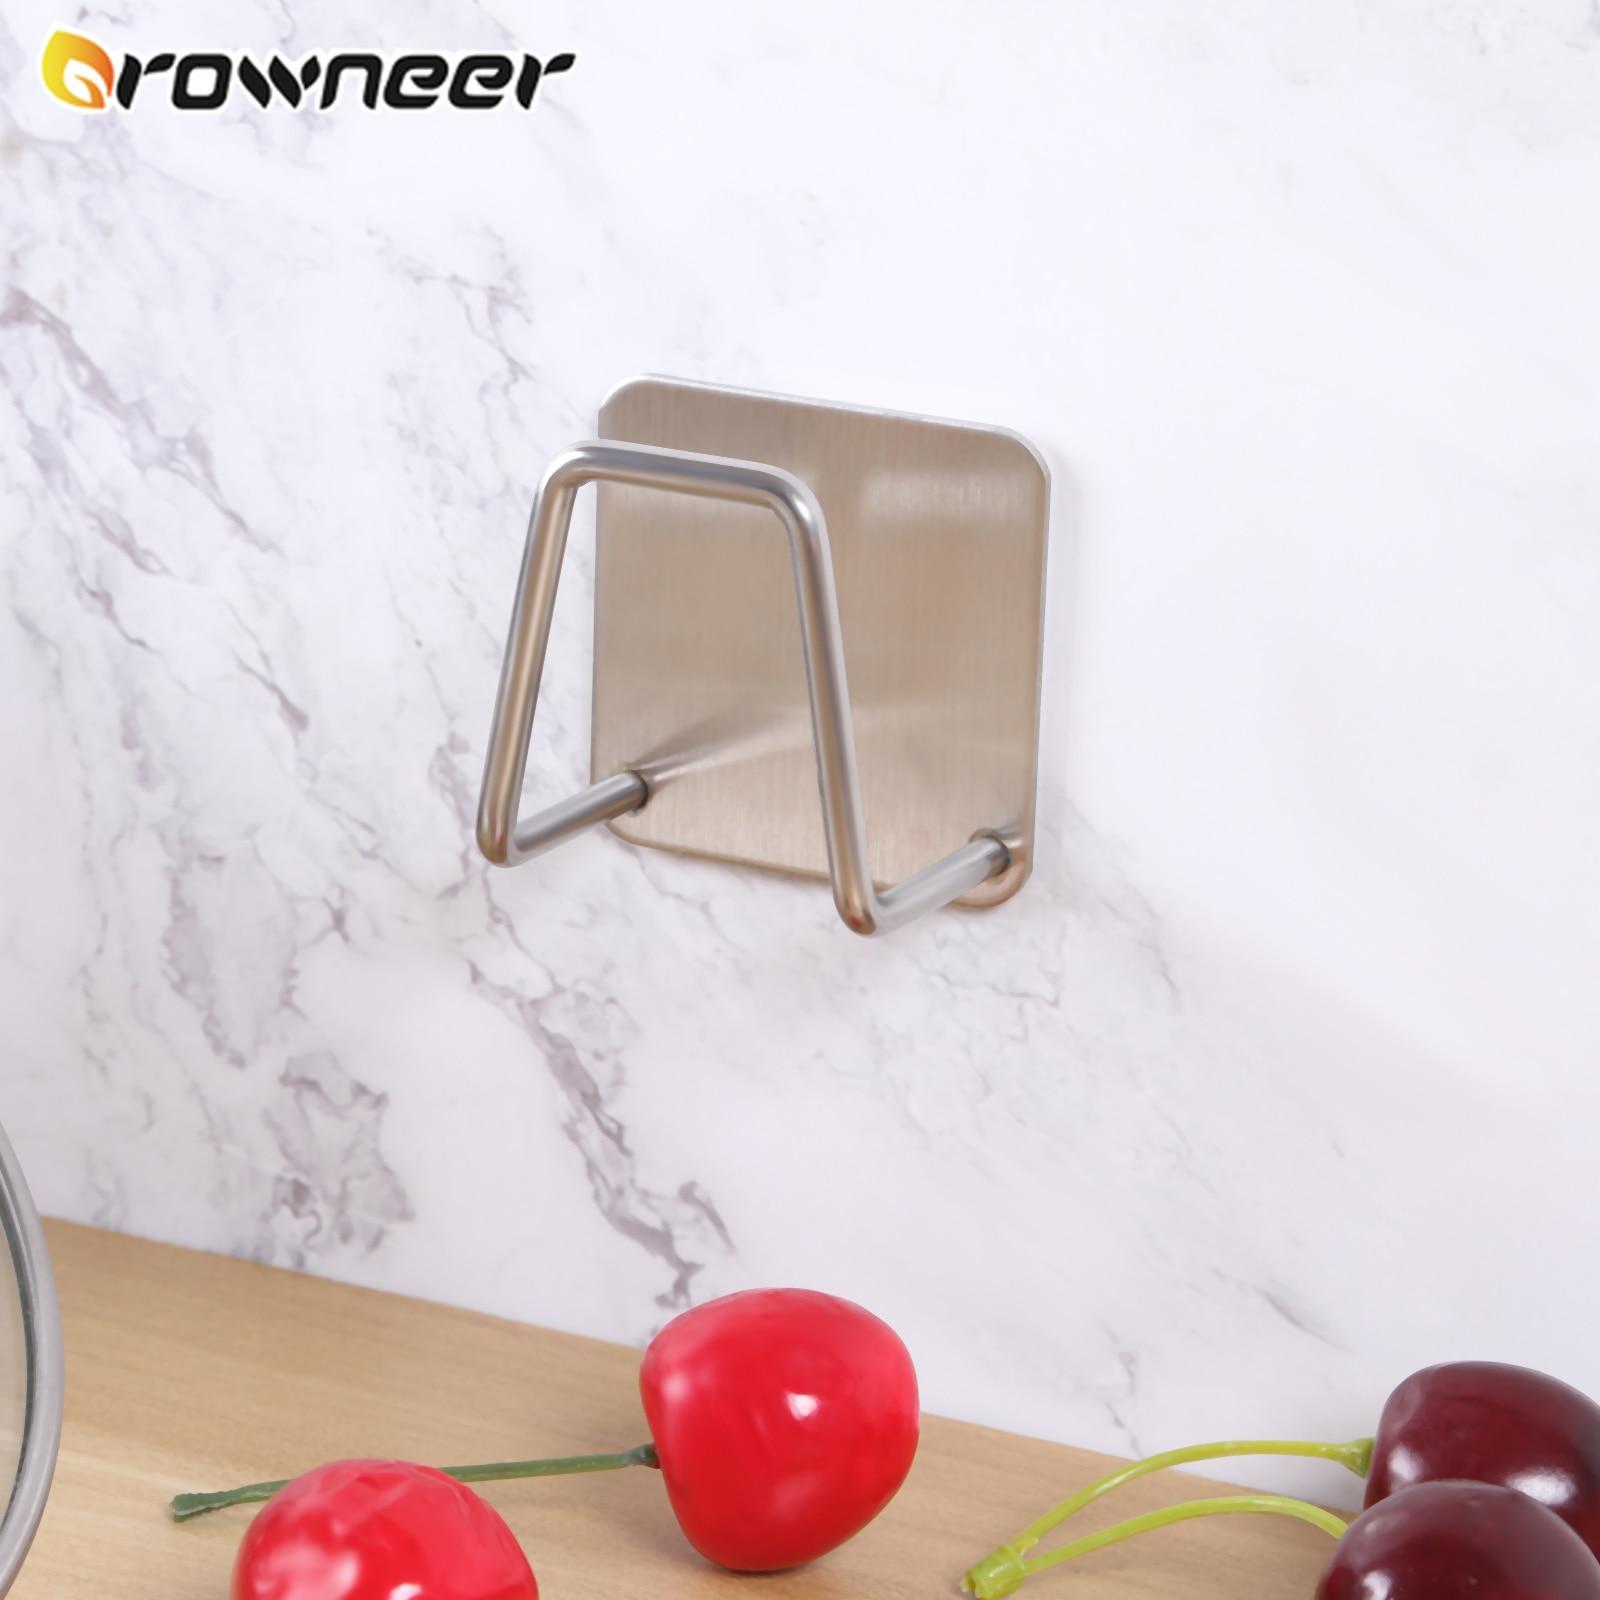 Кухонная стойка для хранения из нержавеющей стали, стеллаж для губки, стеллаж для слива, серебристый настенный держатель для раковины, удоб...